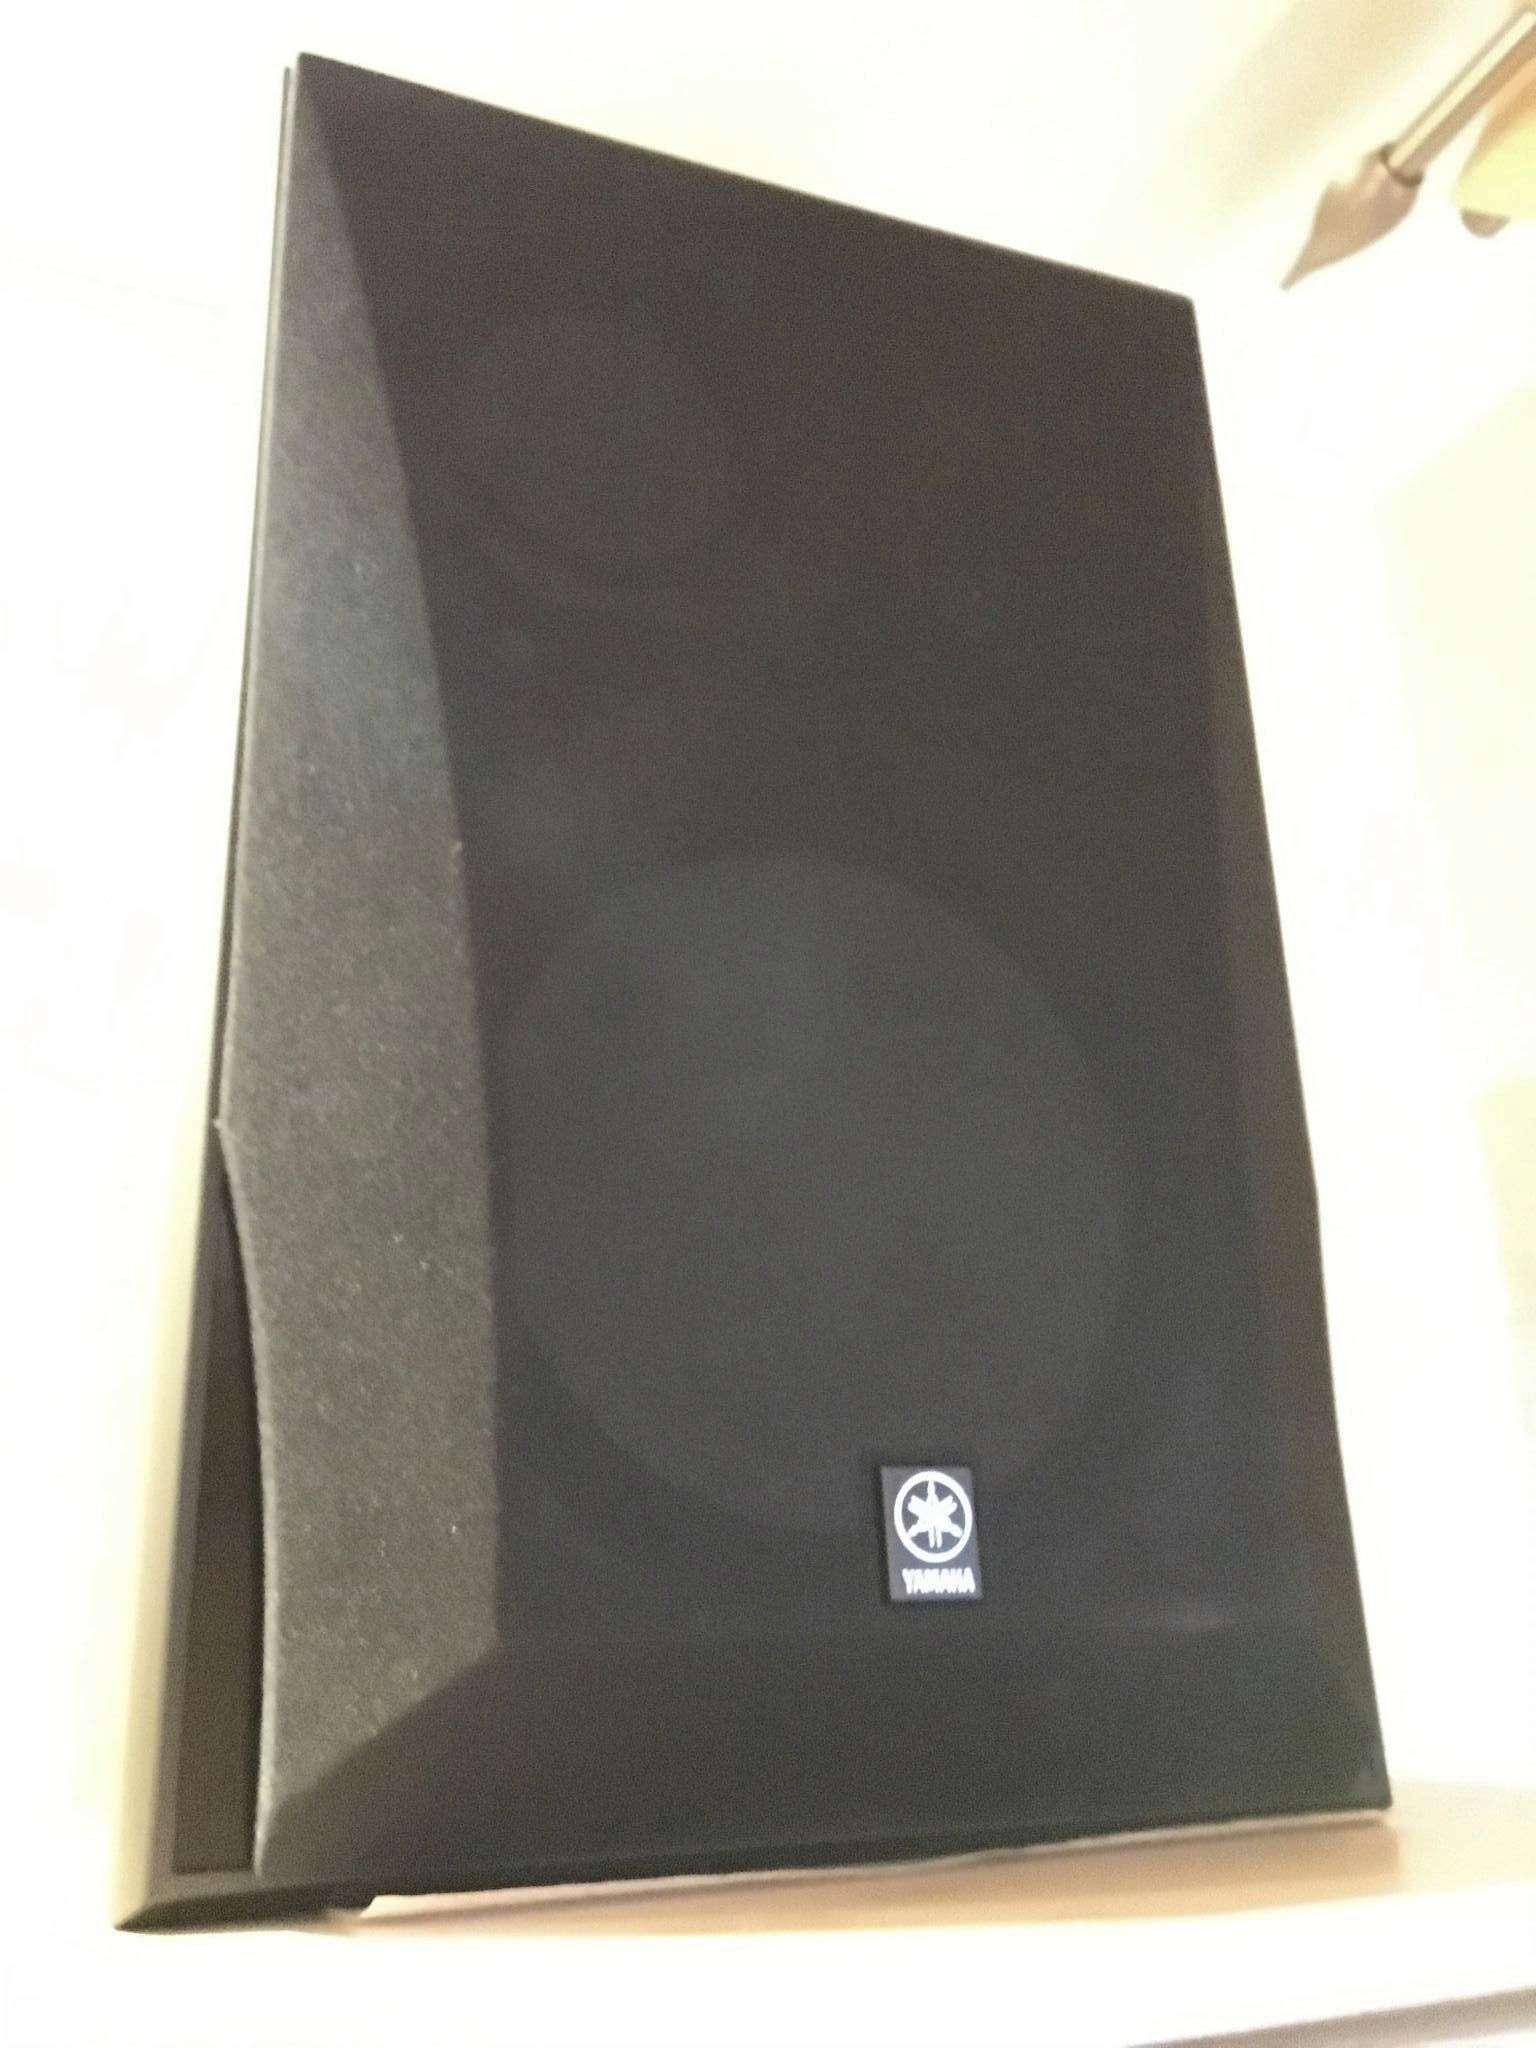 32886c6bb305 Полочная акустическая система Yamaha NS-6490, пара — купить в ...